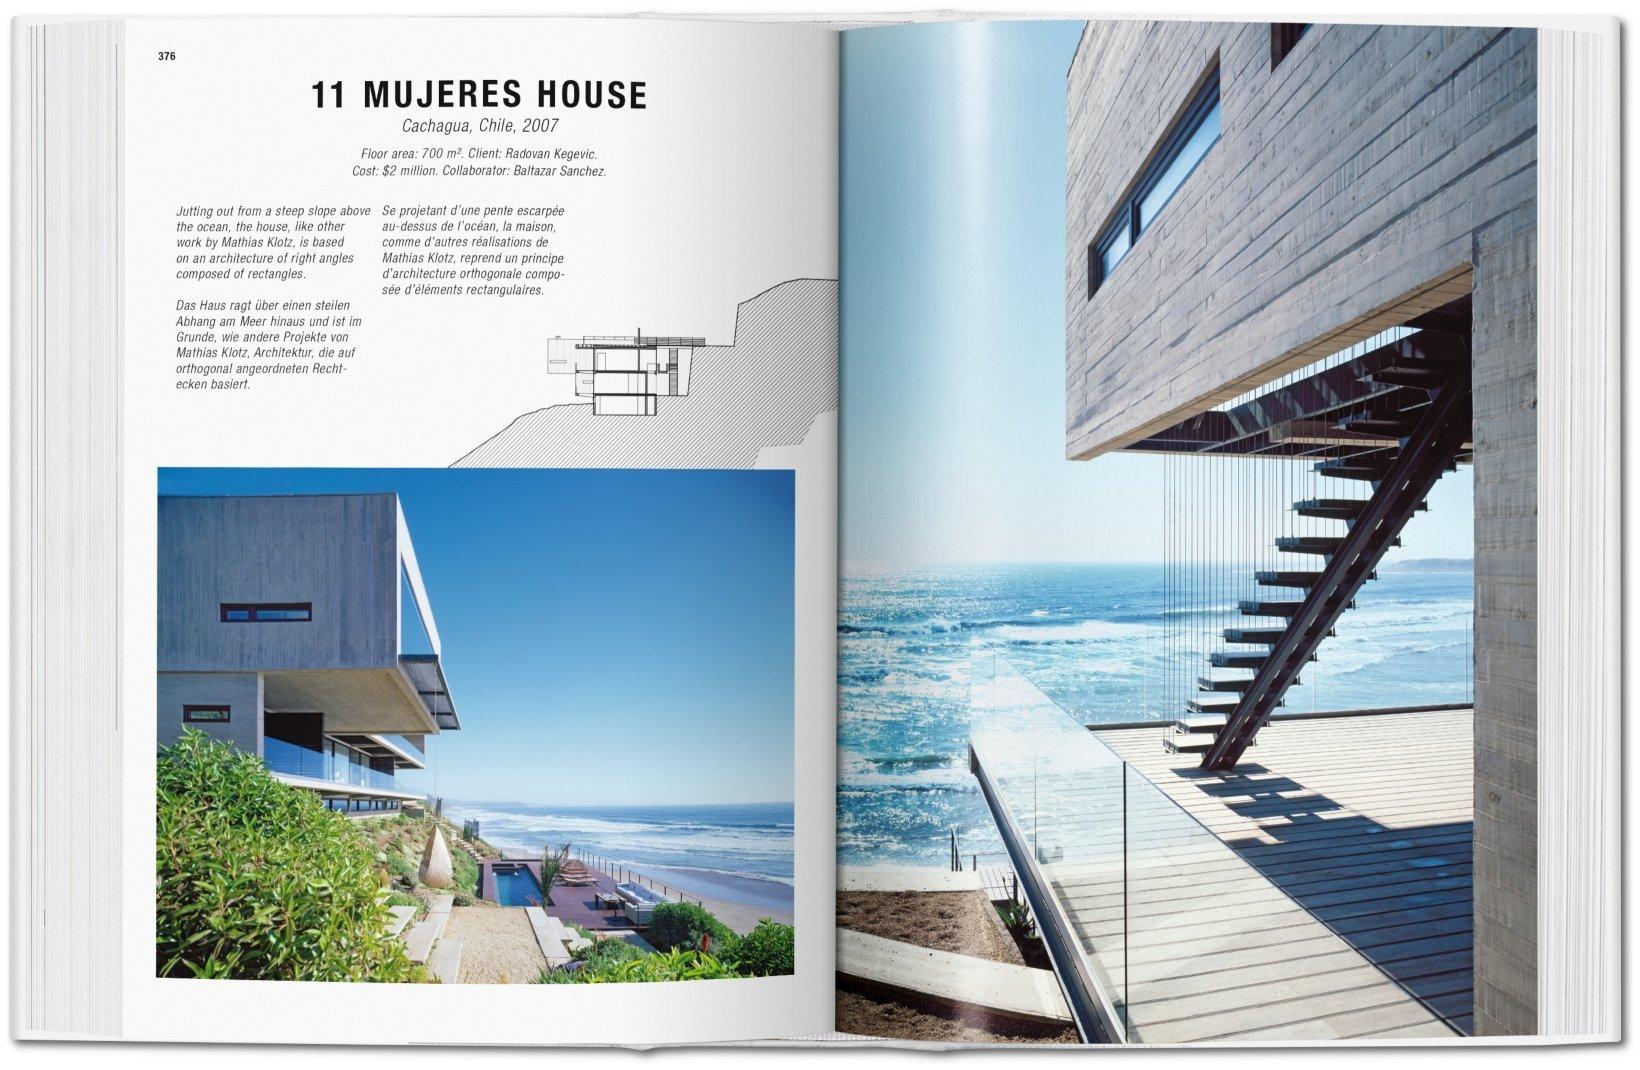 100 Contemporary Houses (Multilingual Edition): Philip Jodidio ...